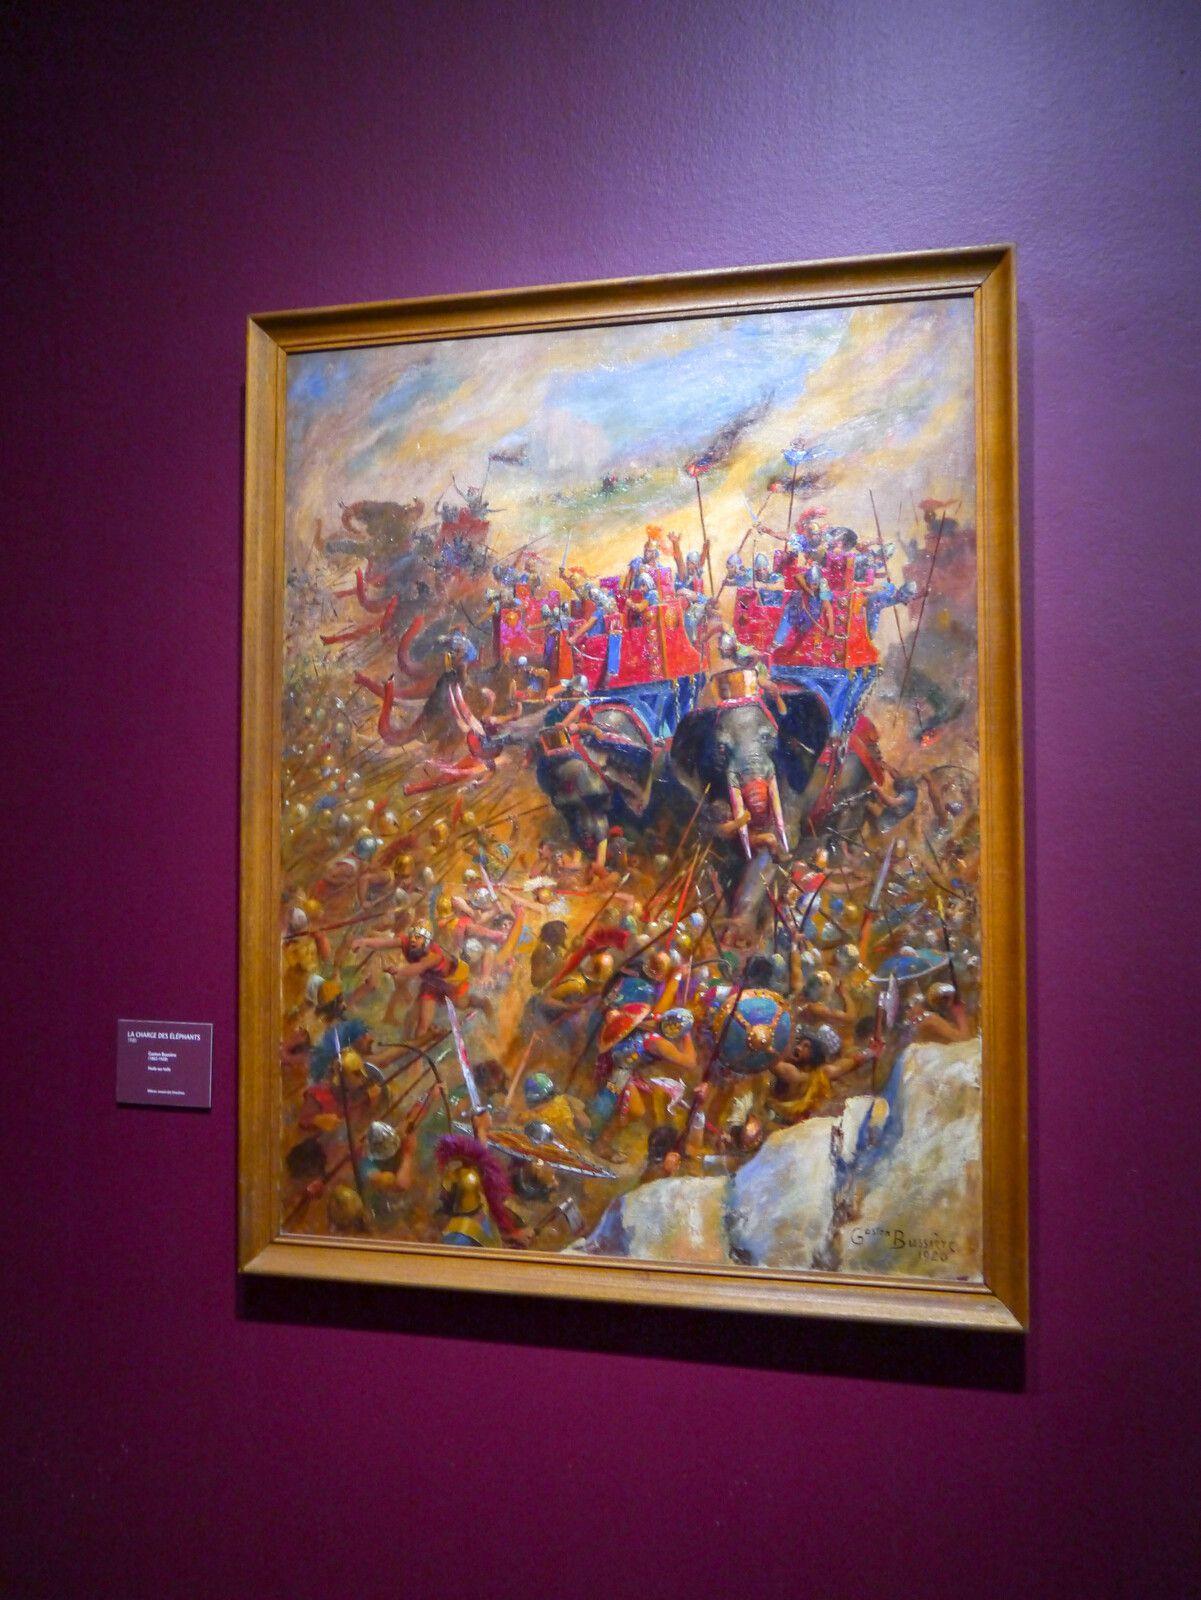 Salammbô Fureur ! Passion ! Éléphants ! L'exposition événement du bicentenaire de la naissance de Flaubert au Musée des Beaux-Arts de Rouen jusqu'au 19 septembre 2021